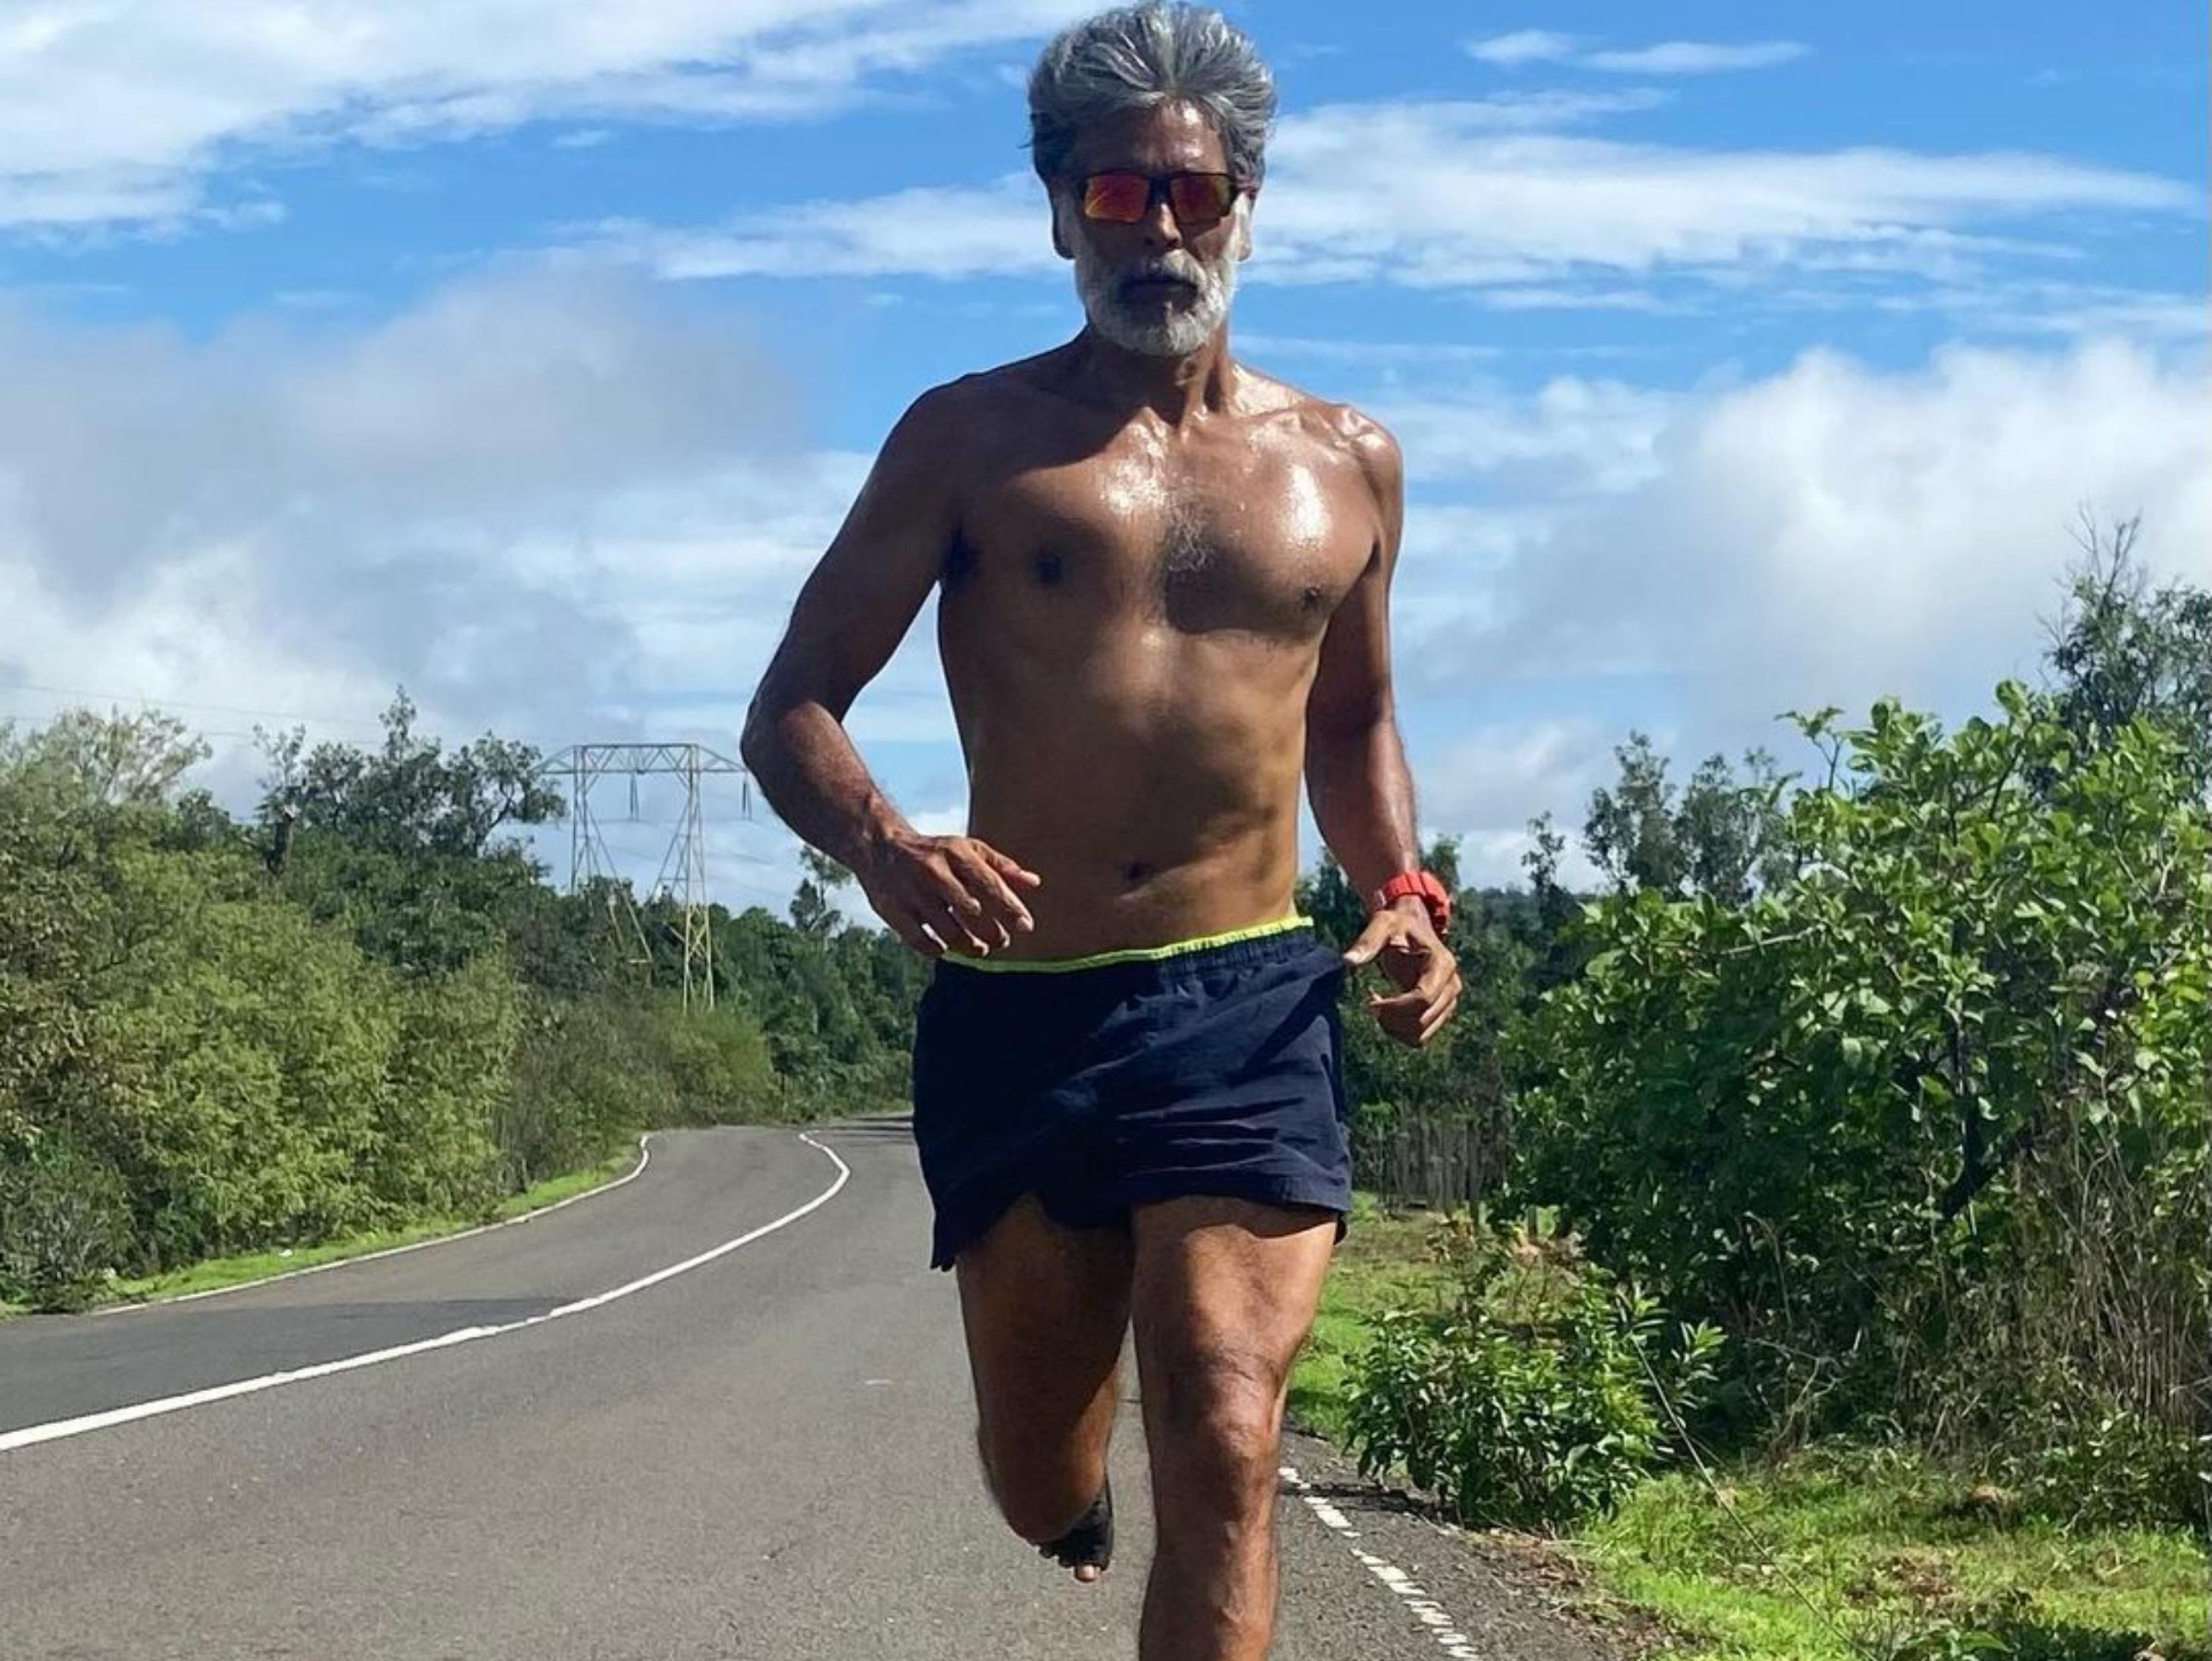 कोरोना से ठीक होकर पहली बार 10 किमी दौड़े मिलिंद सोमन, फैन्स के लिए शेयर किए 6 परफैक्ट रनिंग मंत्र|बॉलीवुड,Bollywood - Dainik Bhaskar